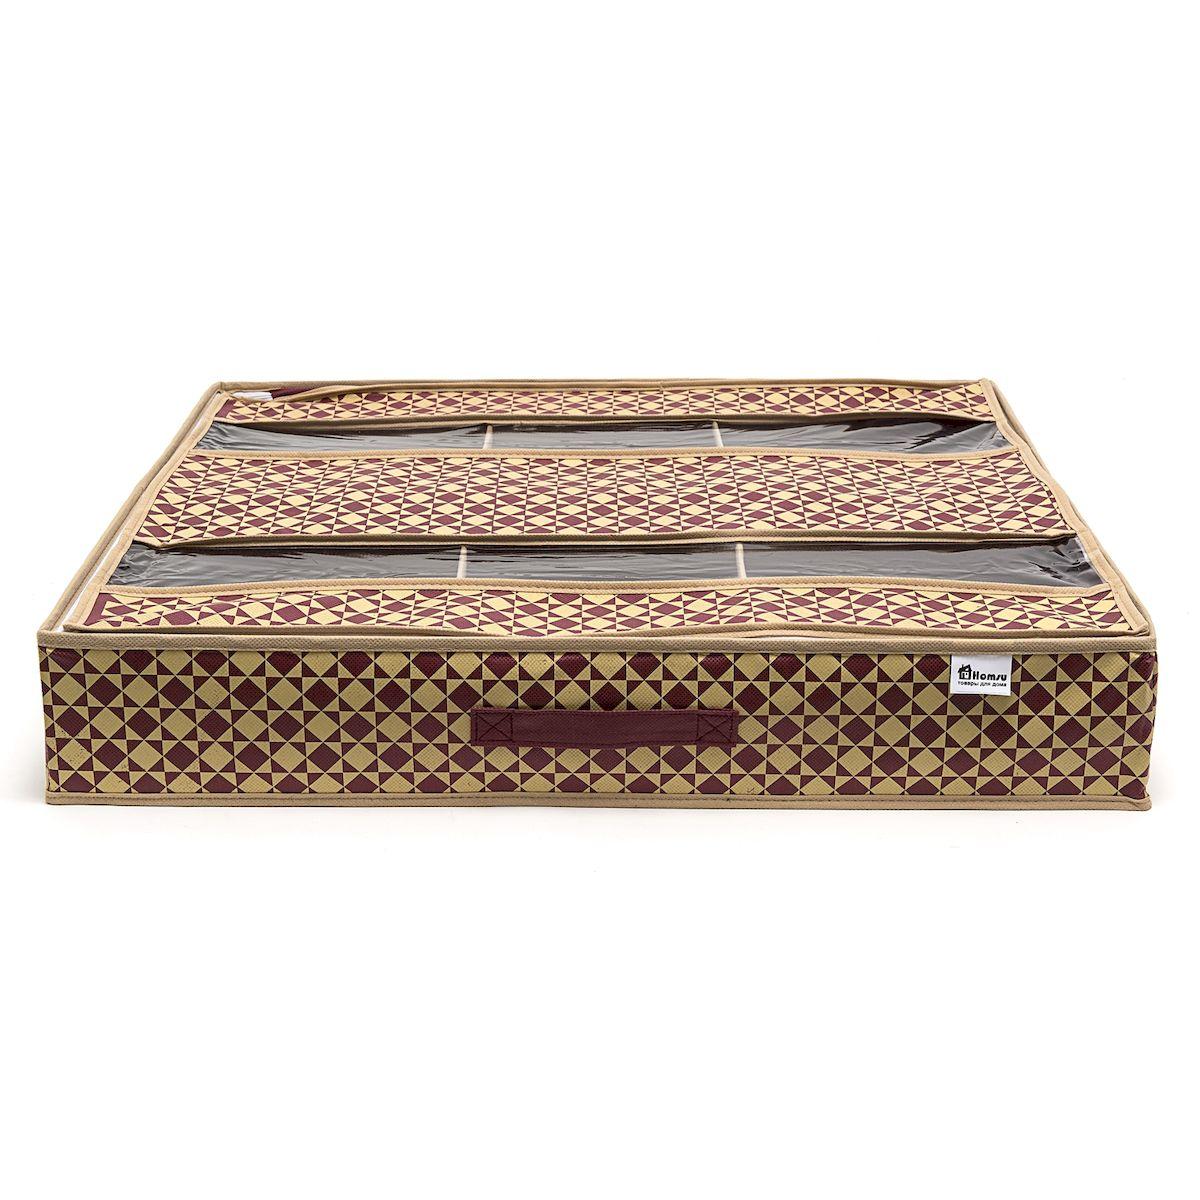 Органайзер для обуви Homsu Bordo, 66х63х11 смS03301004Очень удобный способ хранить сезонную обувь. Шесть больших отделений размером 20см на 32см вмещают 6 пар обуви большого размера, высокий каблук, сапожки. Органайзер плоский, удобно хранить под кроватью или диваном. Внутренние секции можно моделировать под размеры обуви, например высокие сапоги. Имеет жесткие борта, что является гарантией сохраности вещей. Фактический цвет может отличаться от заявленного. Размер изделия: 66x63x11см